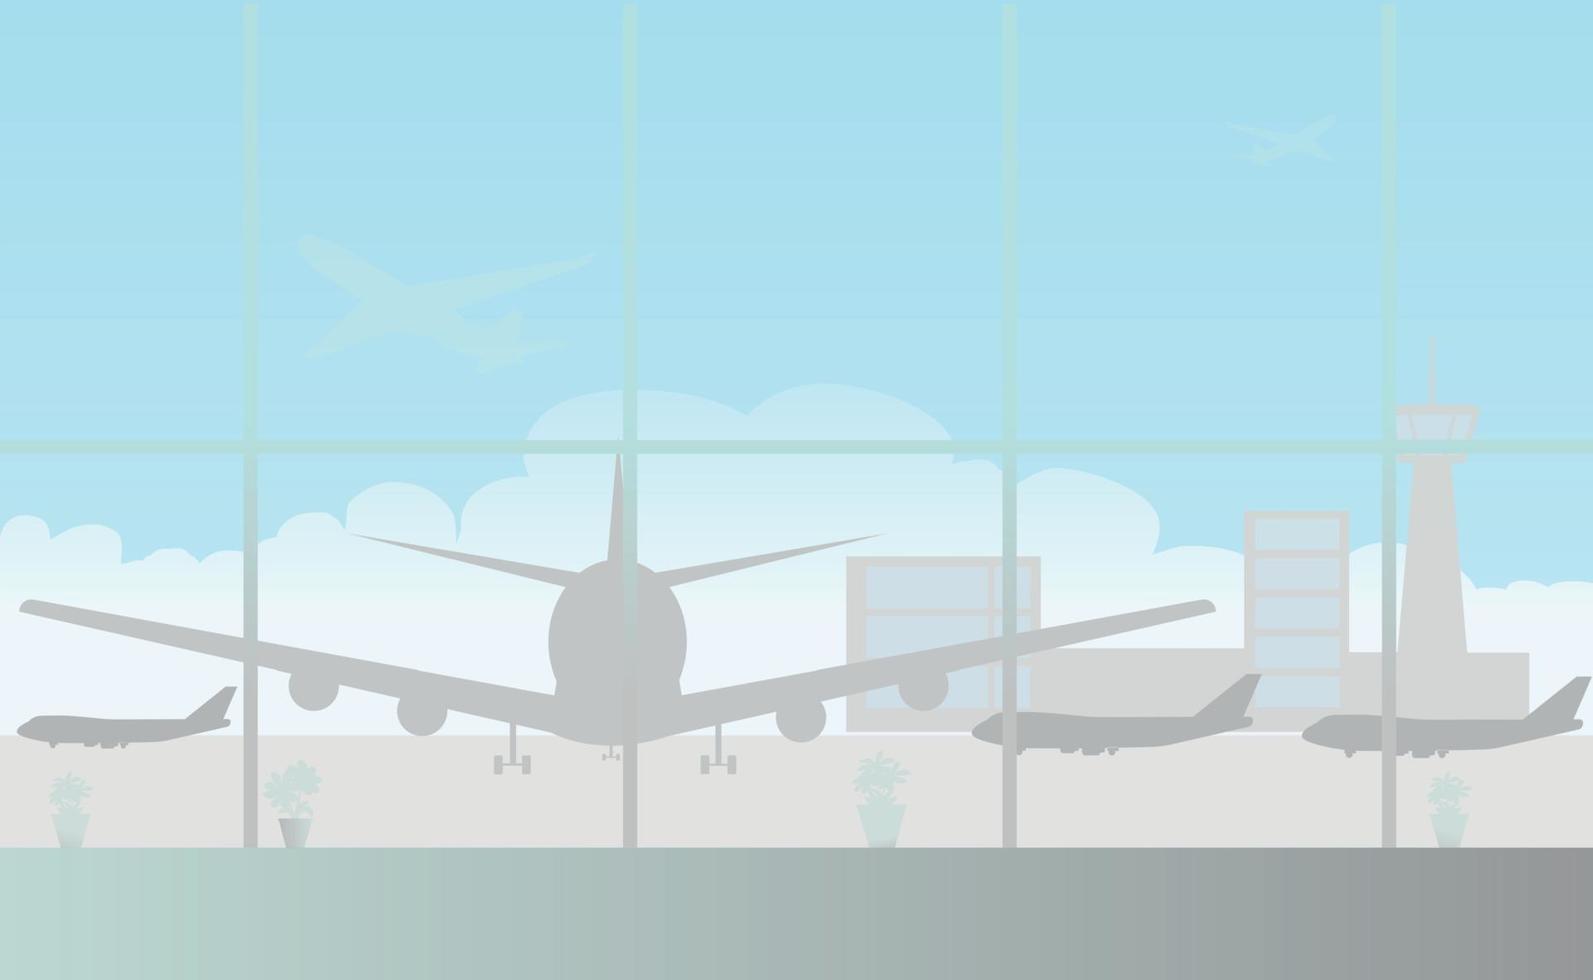 tomt väntrum med stora panoramafönster på flygplatsen vektor